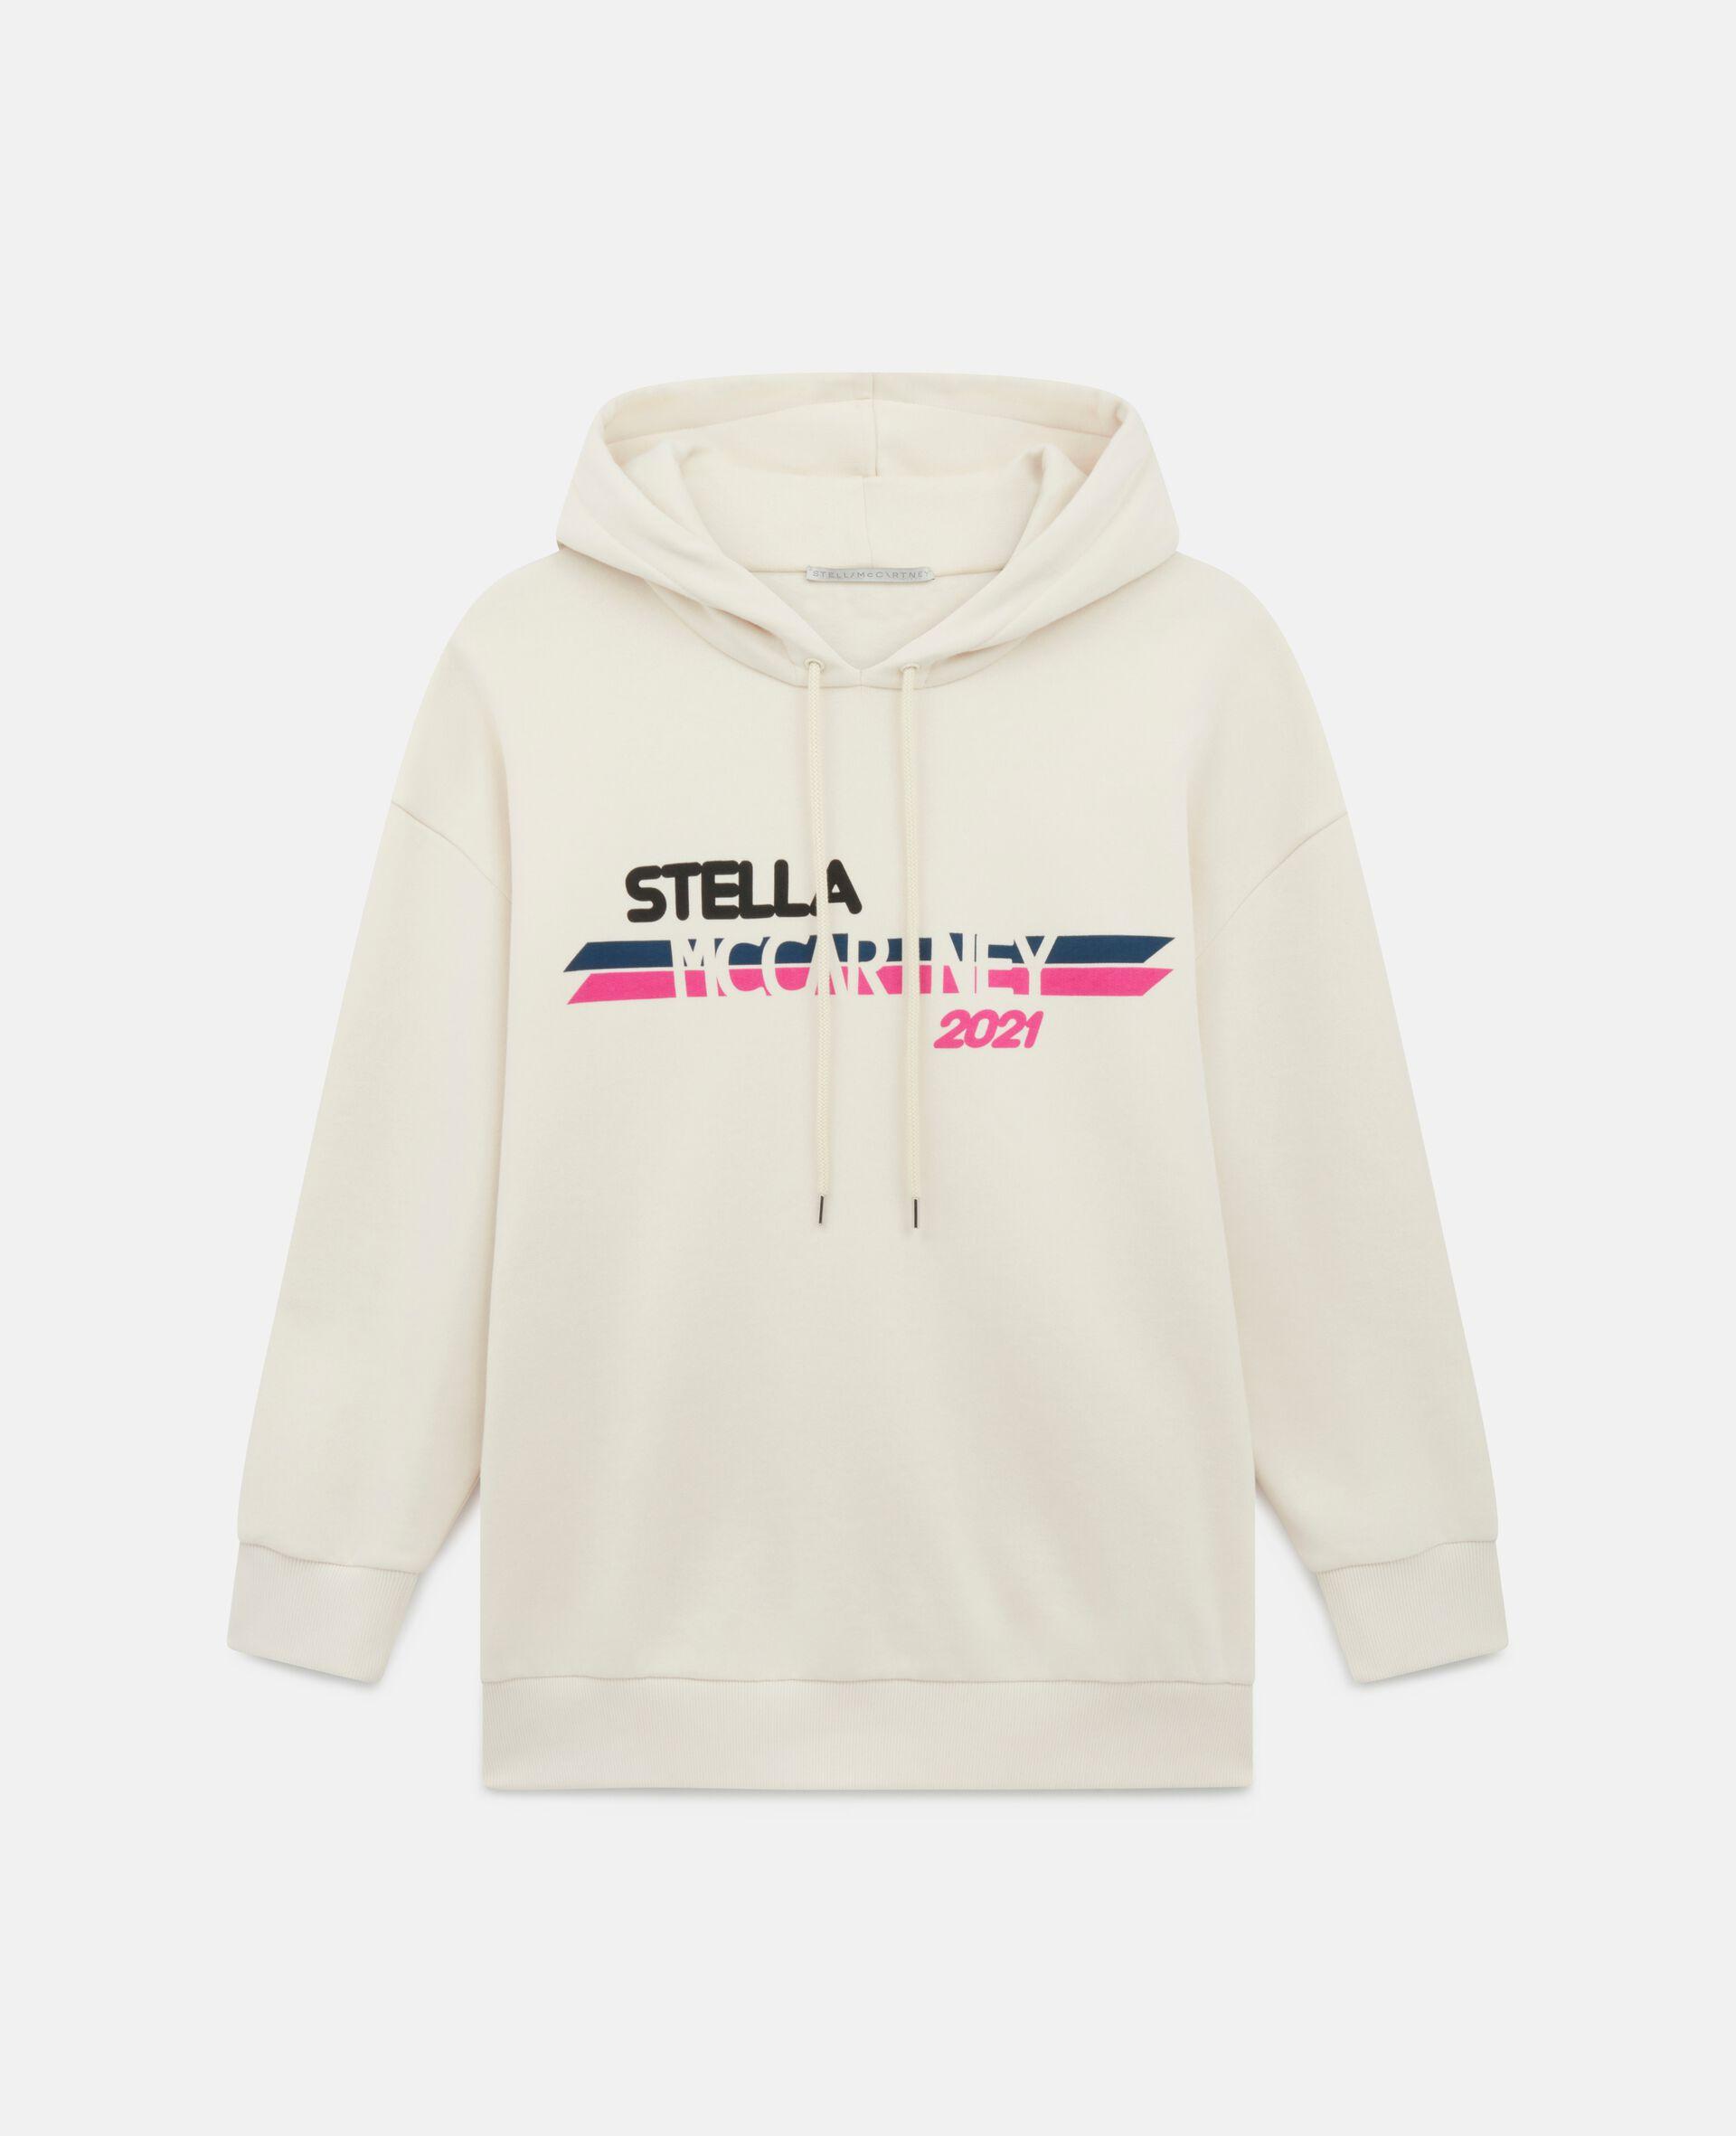 Stella McCartney 2021 徽标连帽衫-白色-large image number 0